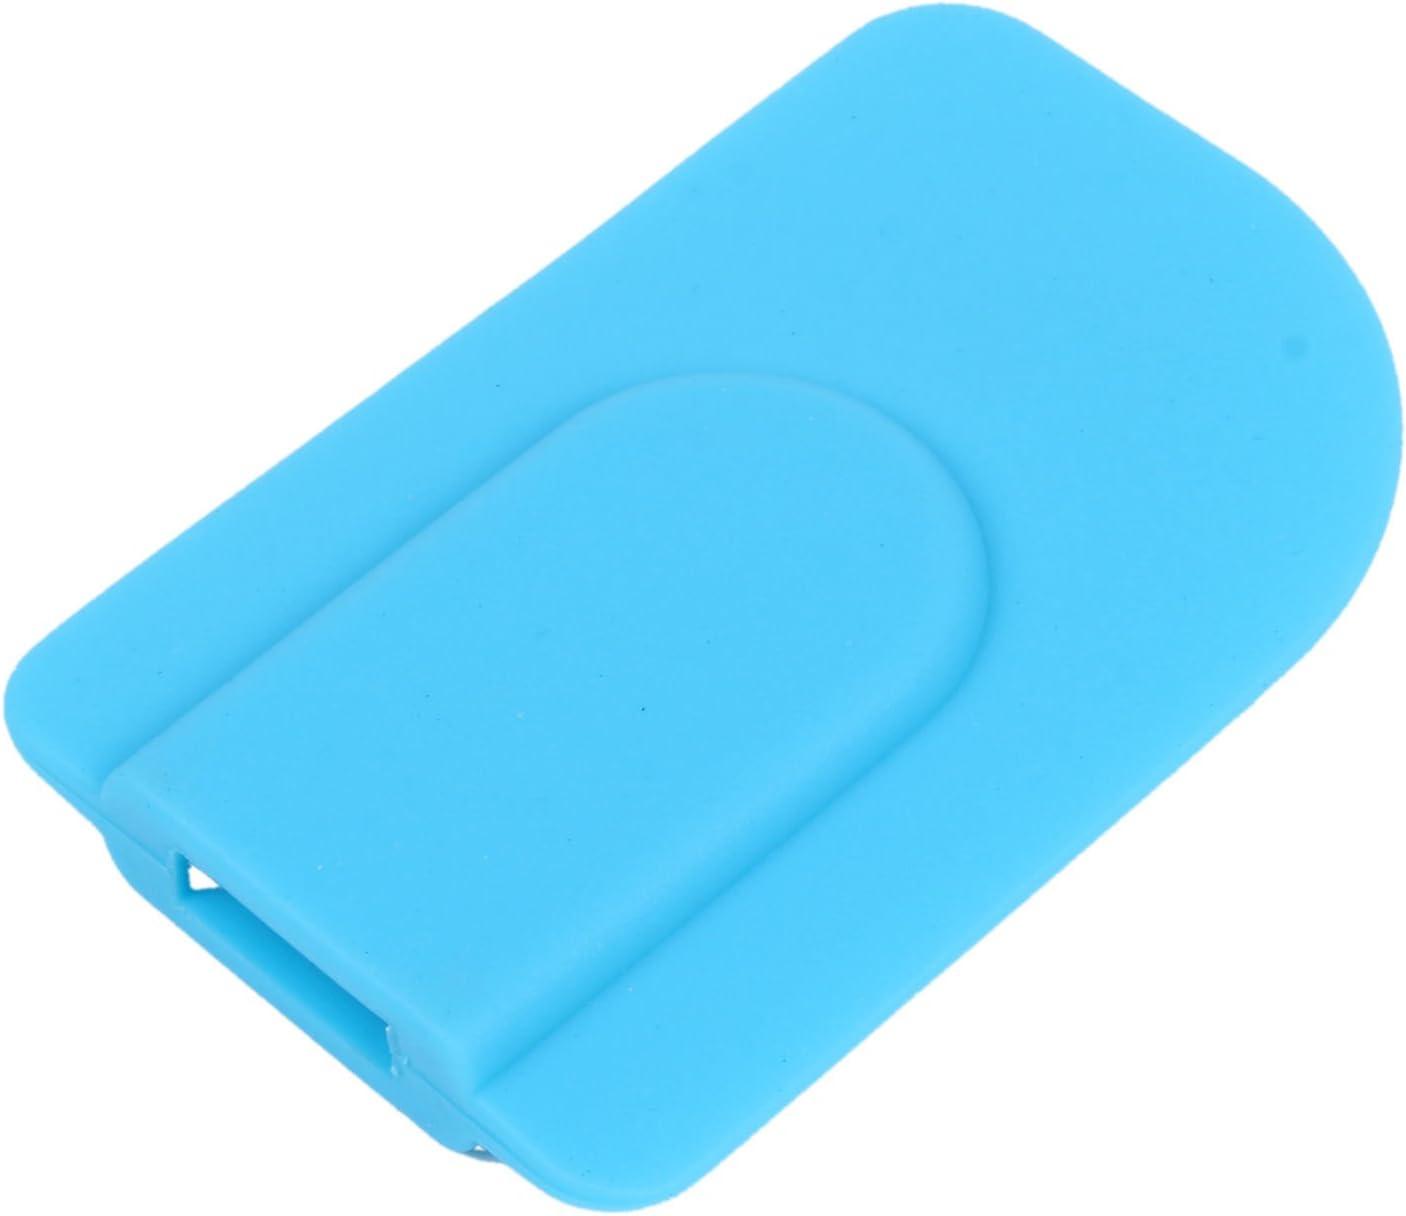 R SODIAL Bleu ciel L spatule en silicone spatule en silicone cuisine cuillere gateau ustensile de cuisson melangeur cuisson Mixer grattoir